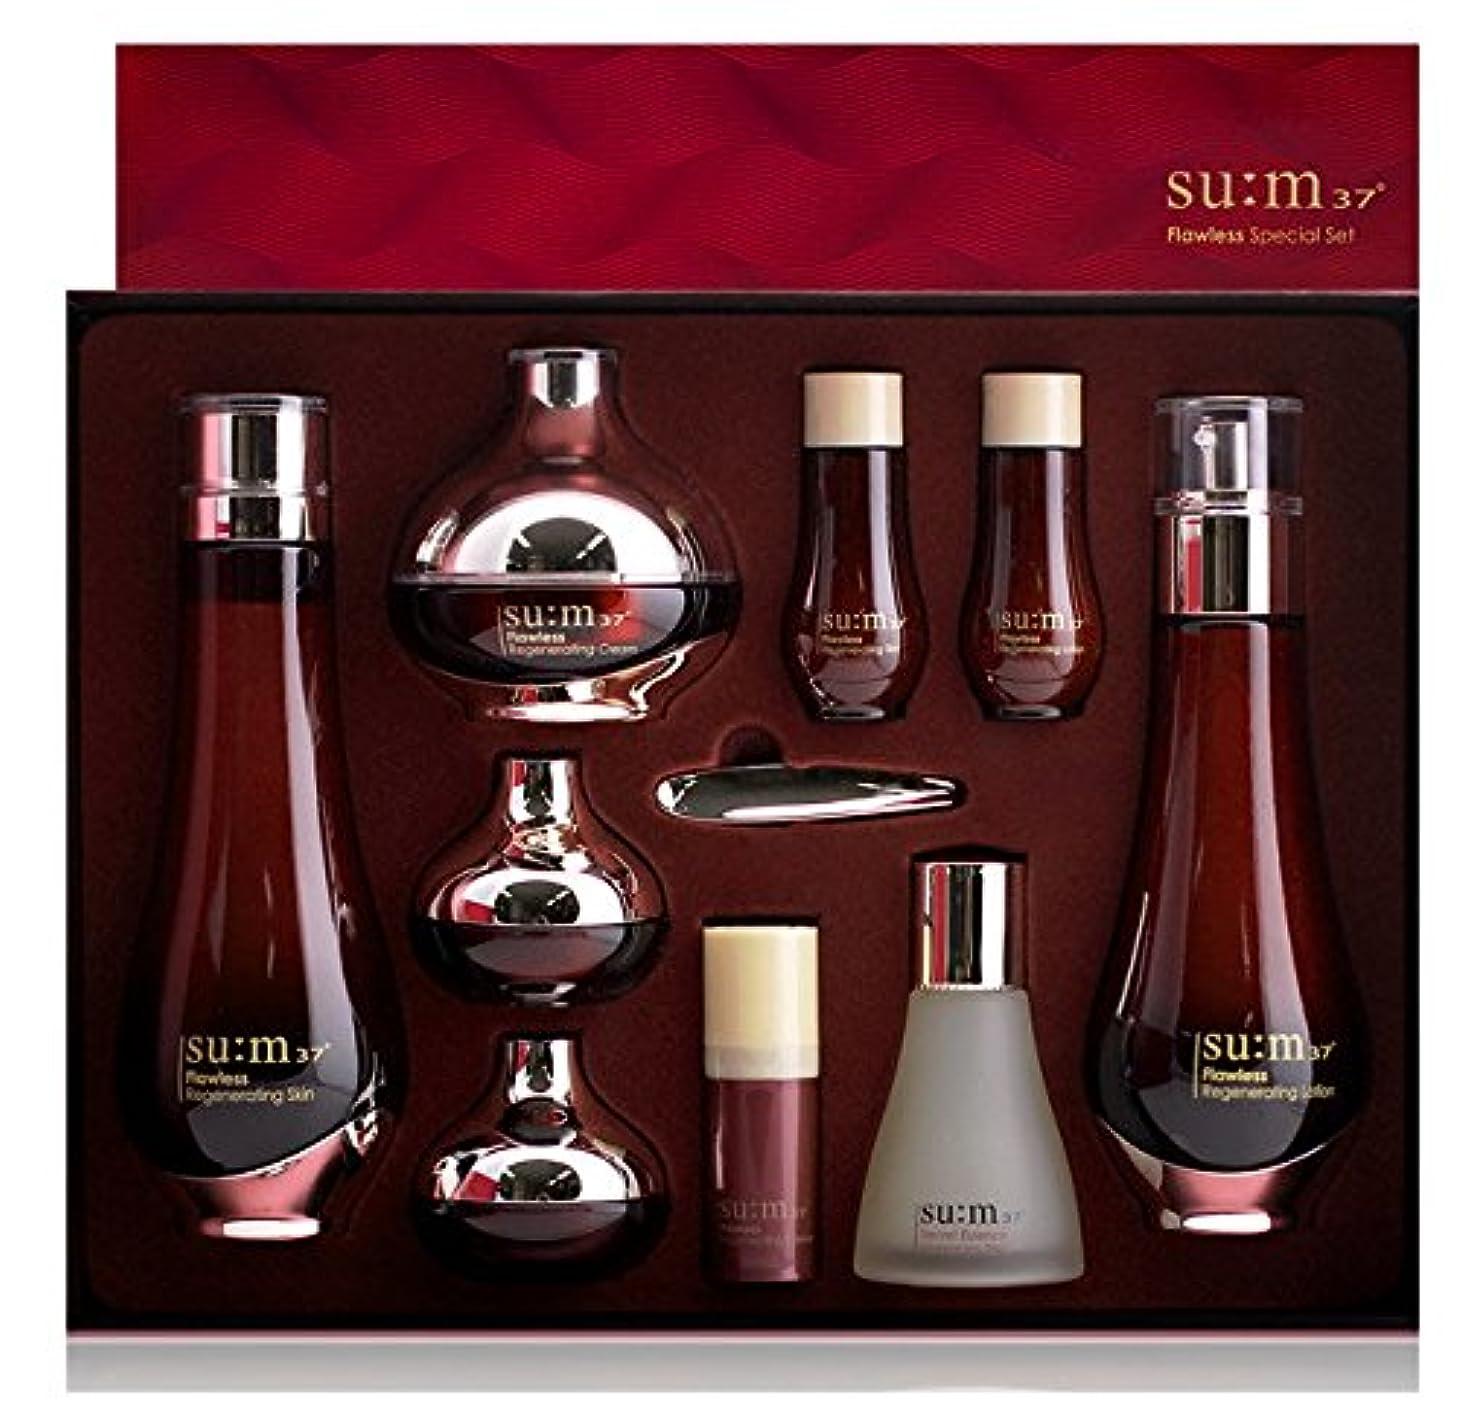 麺型最終的に[su:m37/スム37°]Flawless 3pcs Special Limited Skincare Set/フローレス3種のスキンケアセット + [Sample Gift](海外直送品)